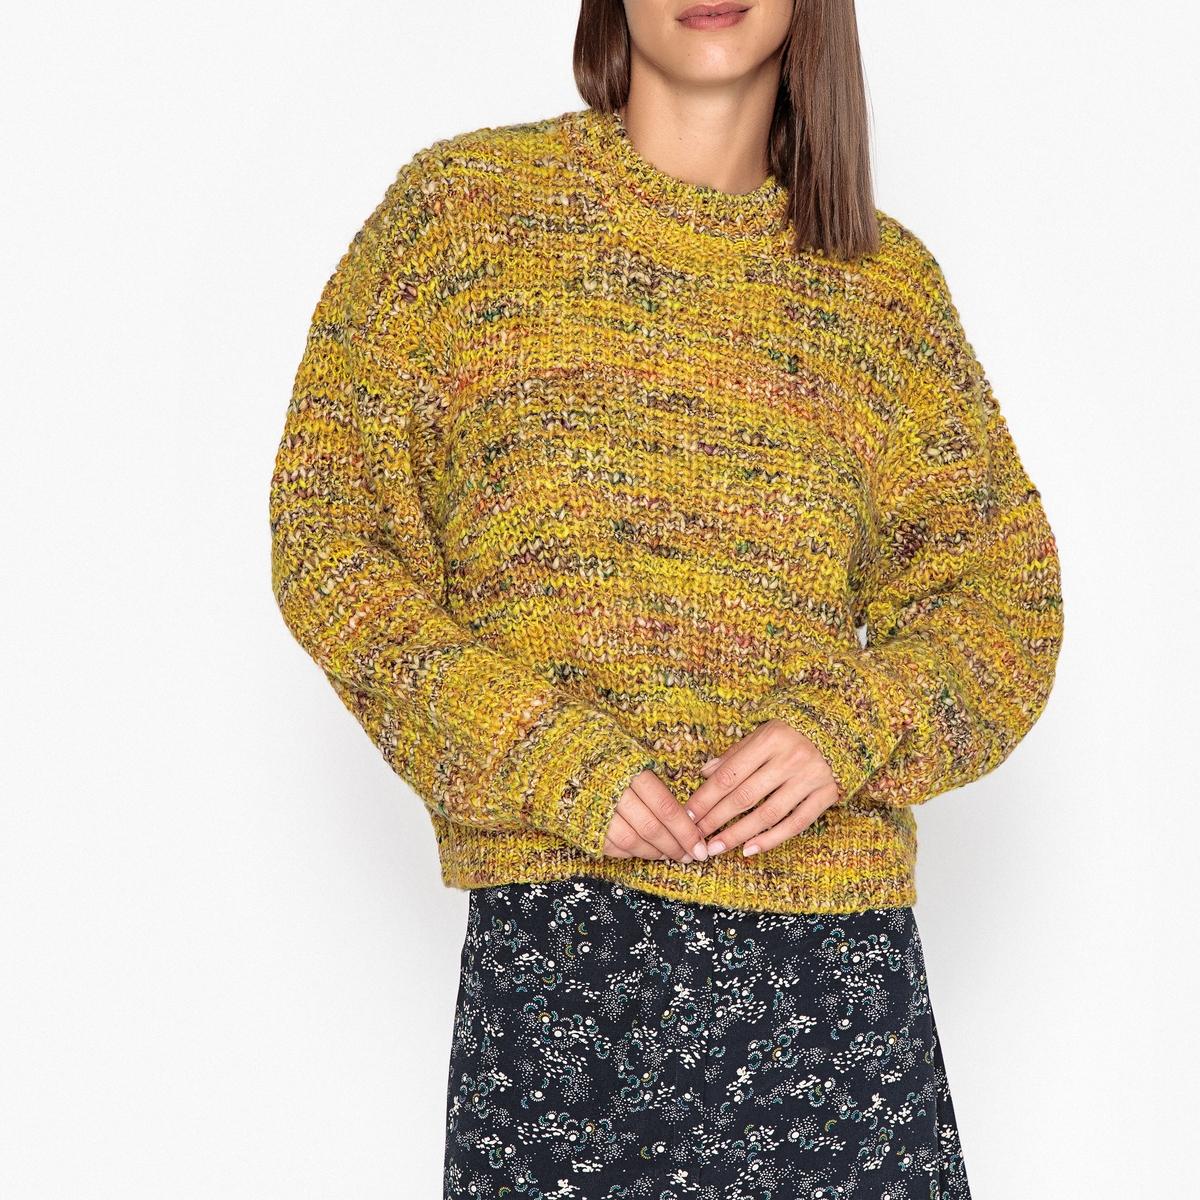 Фото - Пуловер LaRedoute Шерстяной вязаный с круглым вырезом XS желтый пуловер laredoute крупной вязки s синий